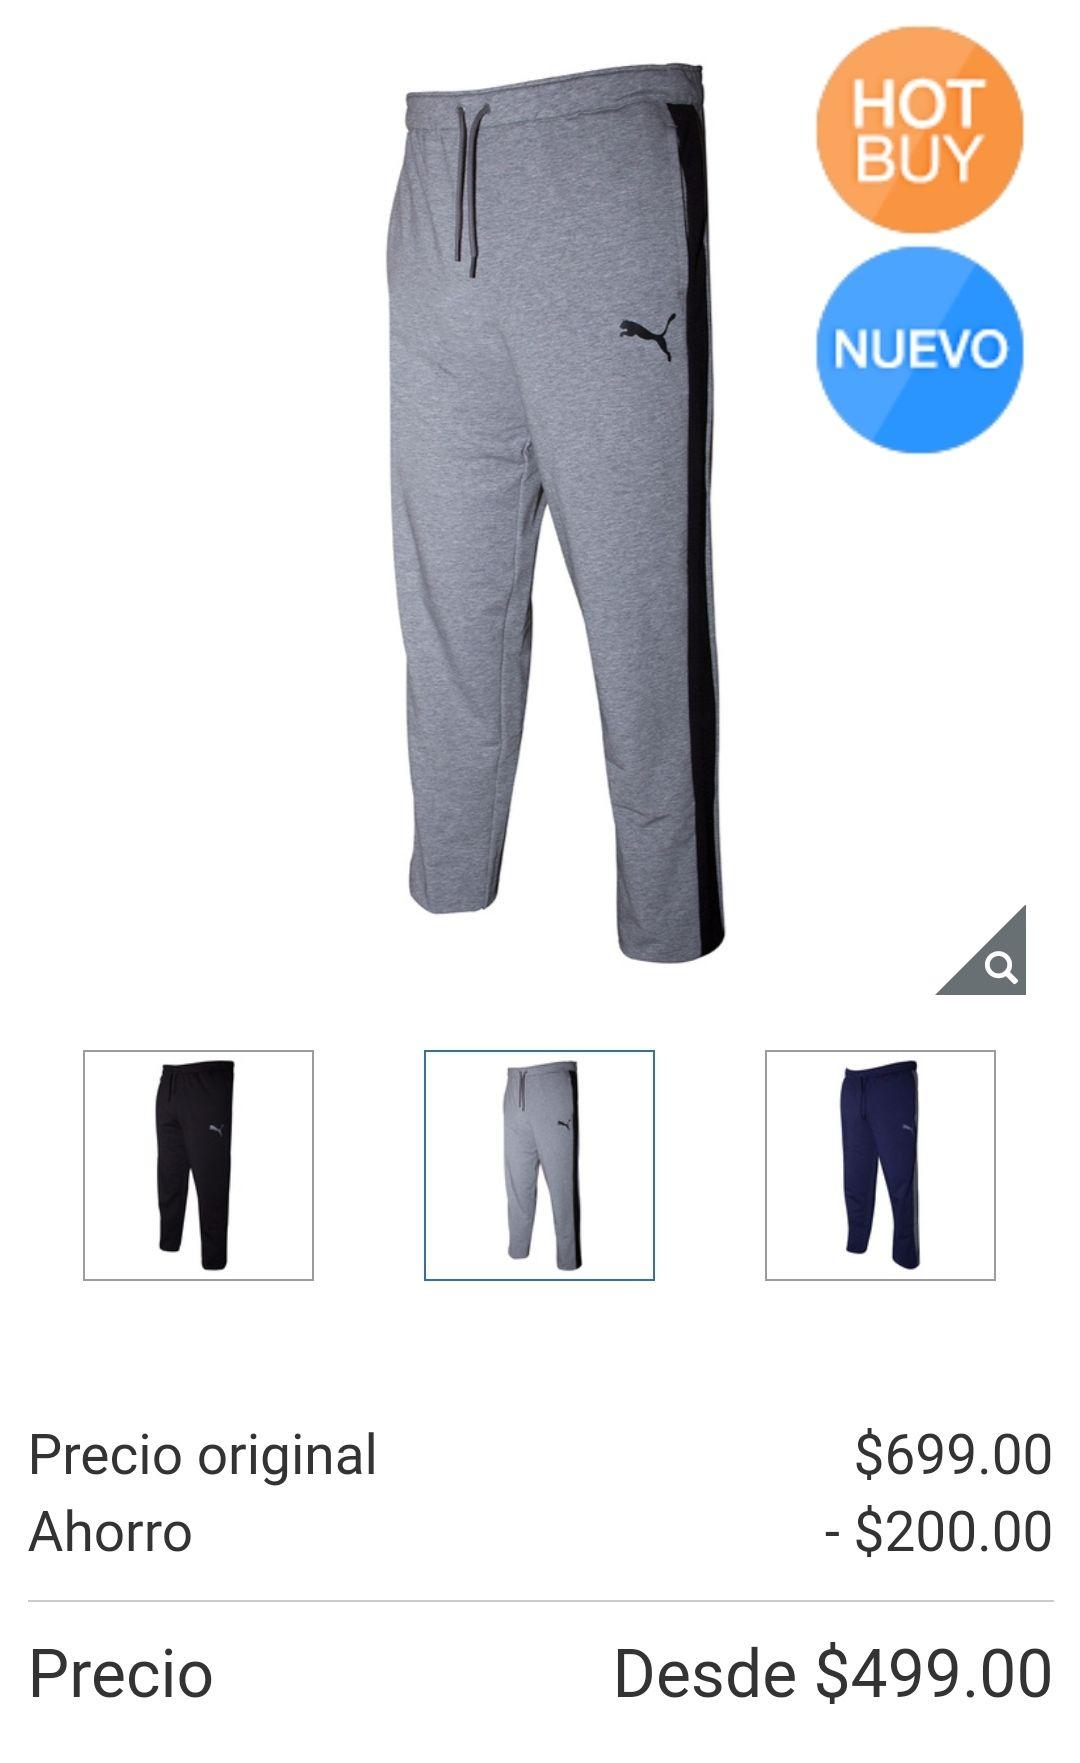 Costco: Puma, Pantalón Deportivo para Caballero, Varios Colores y Tamaños